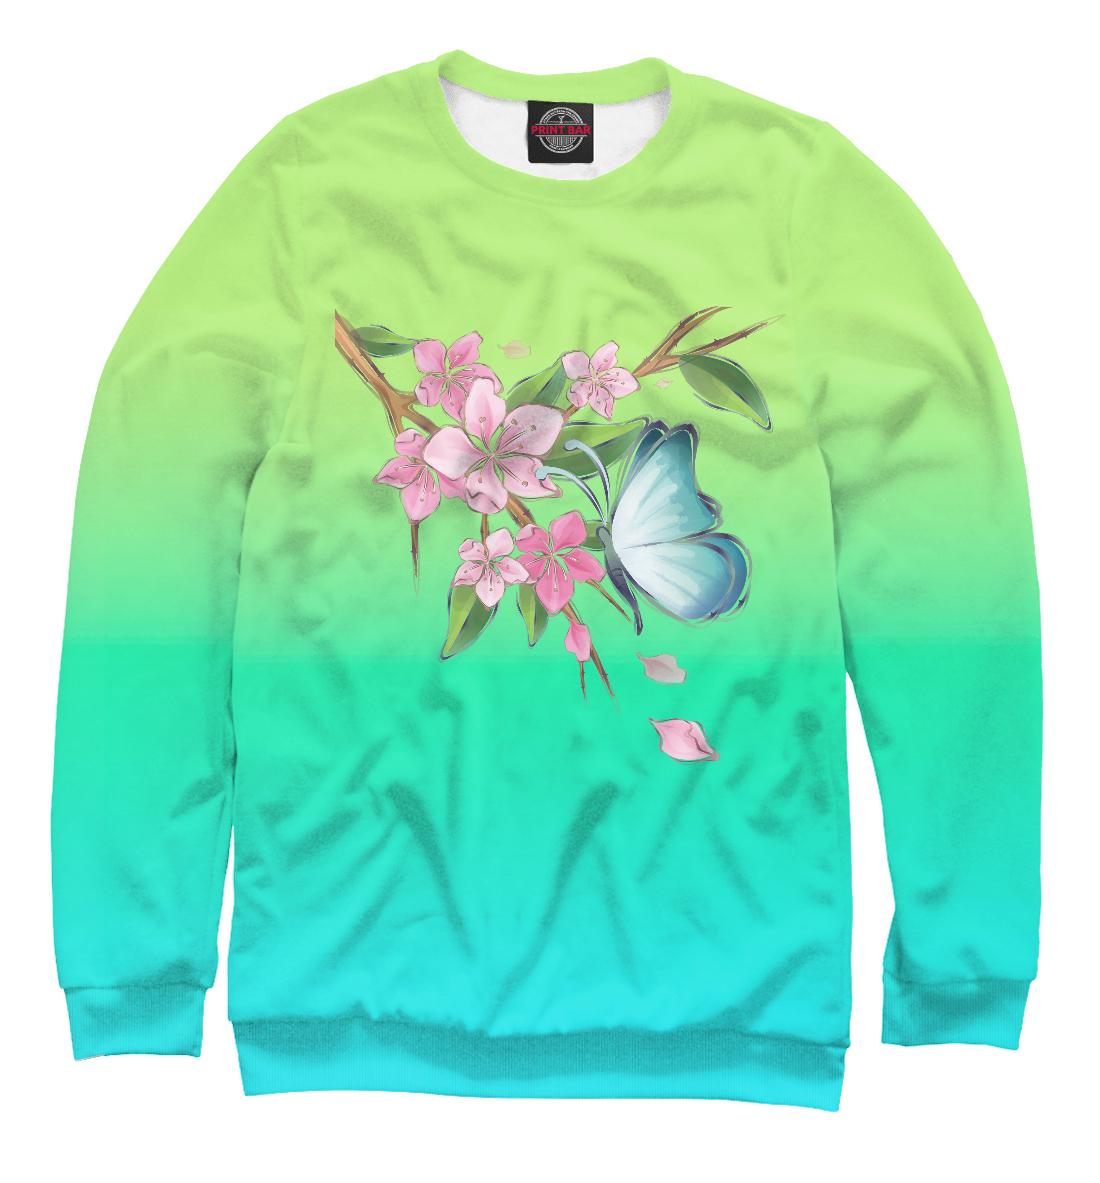 Купить Бабочка на дереве, Printbar, Свитшоты, NAS-400410-swi-2